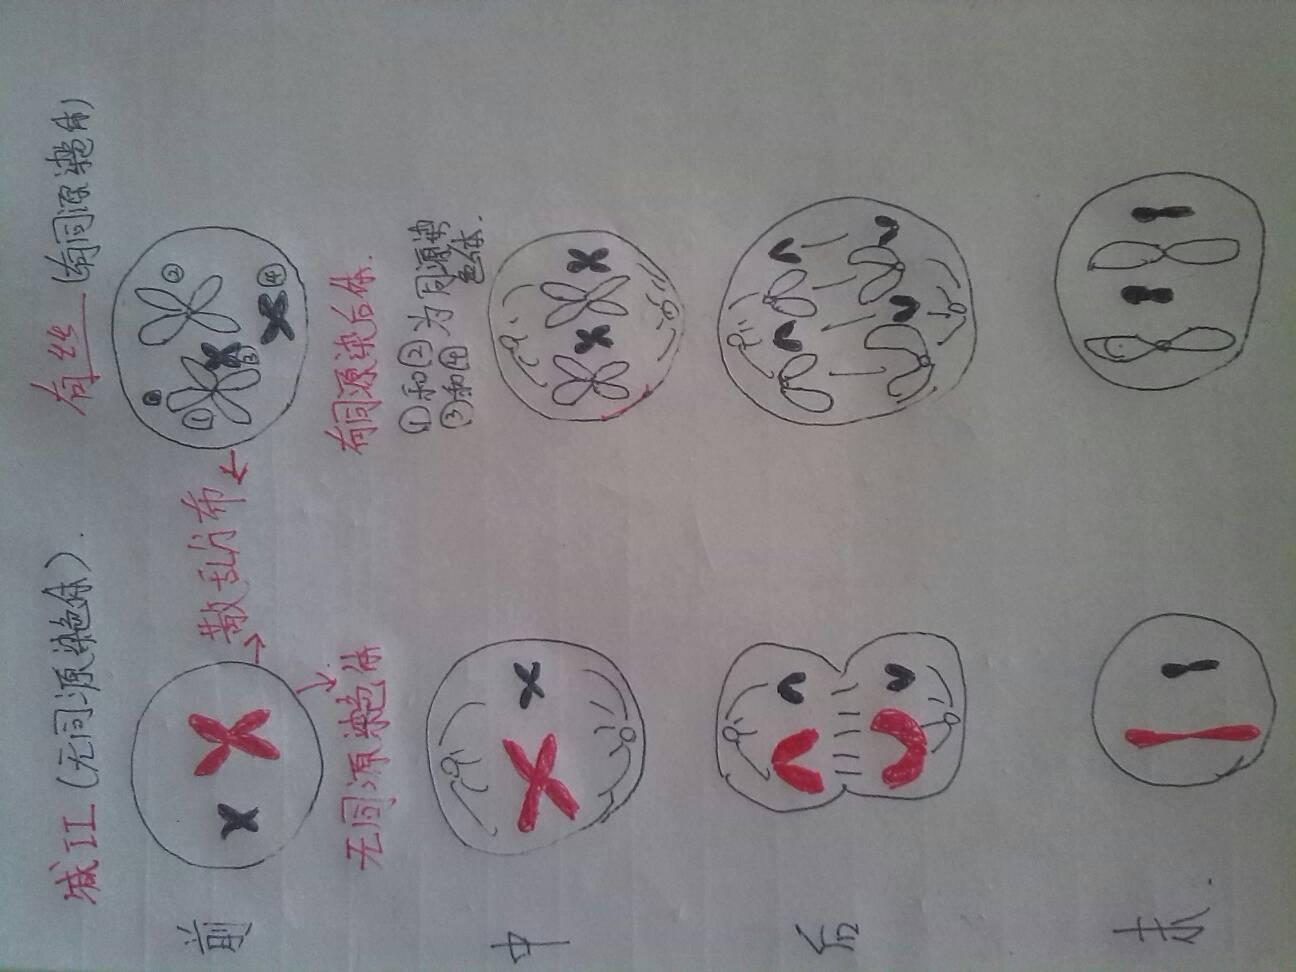 第二次减数分裂与有丝分裂的区别 求画图说明,谢谢